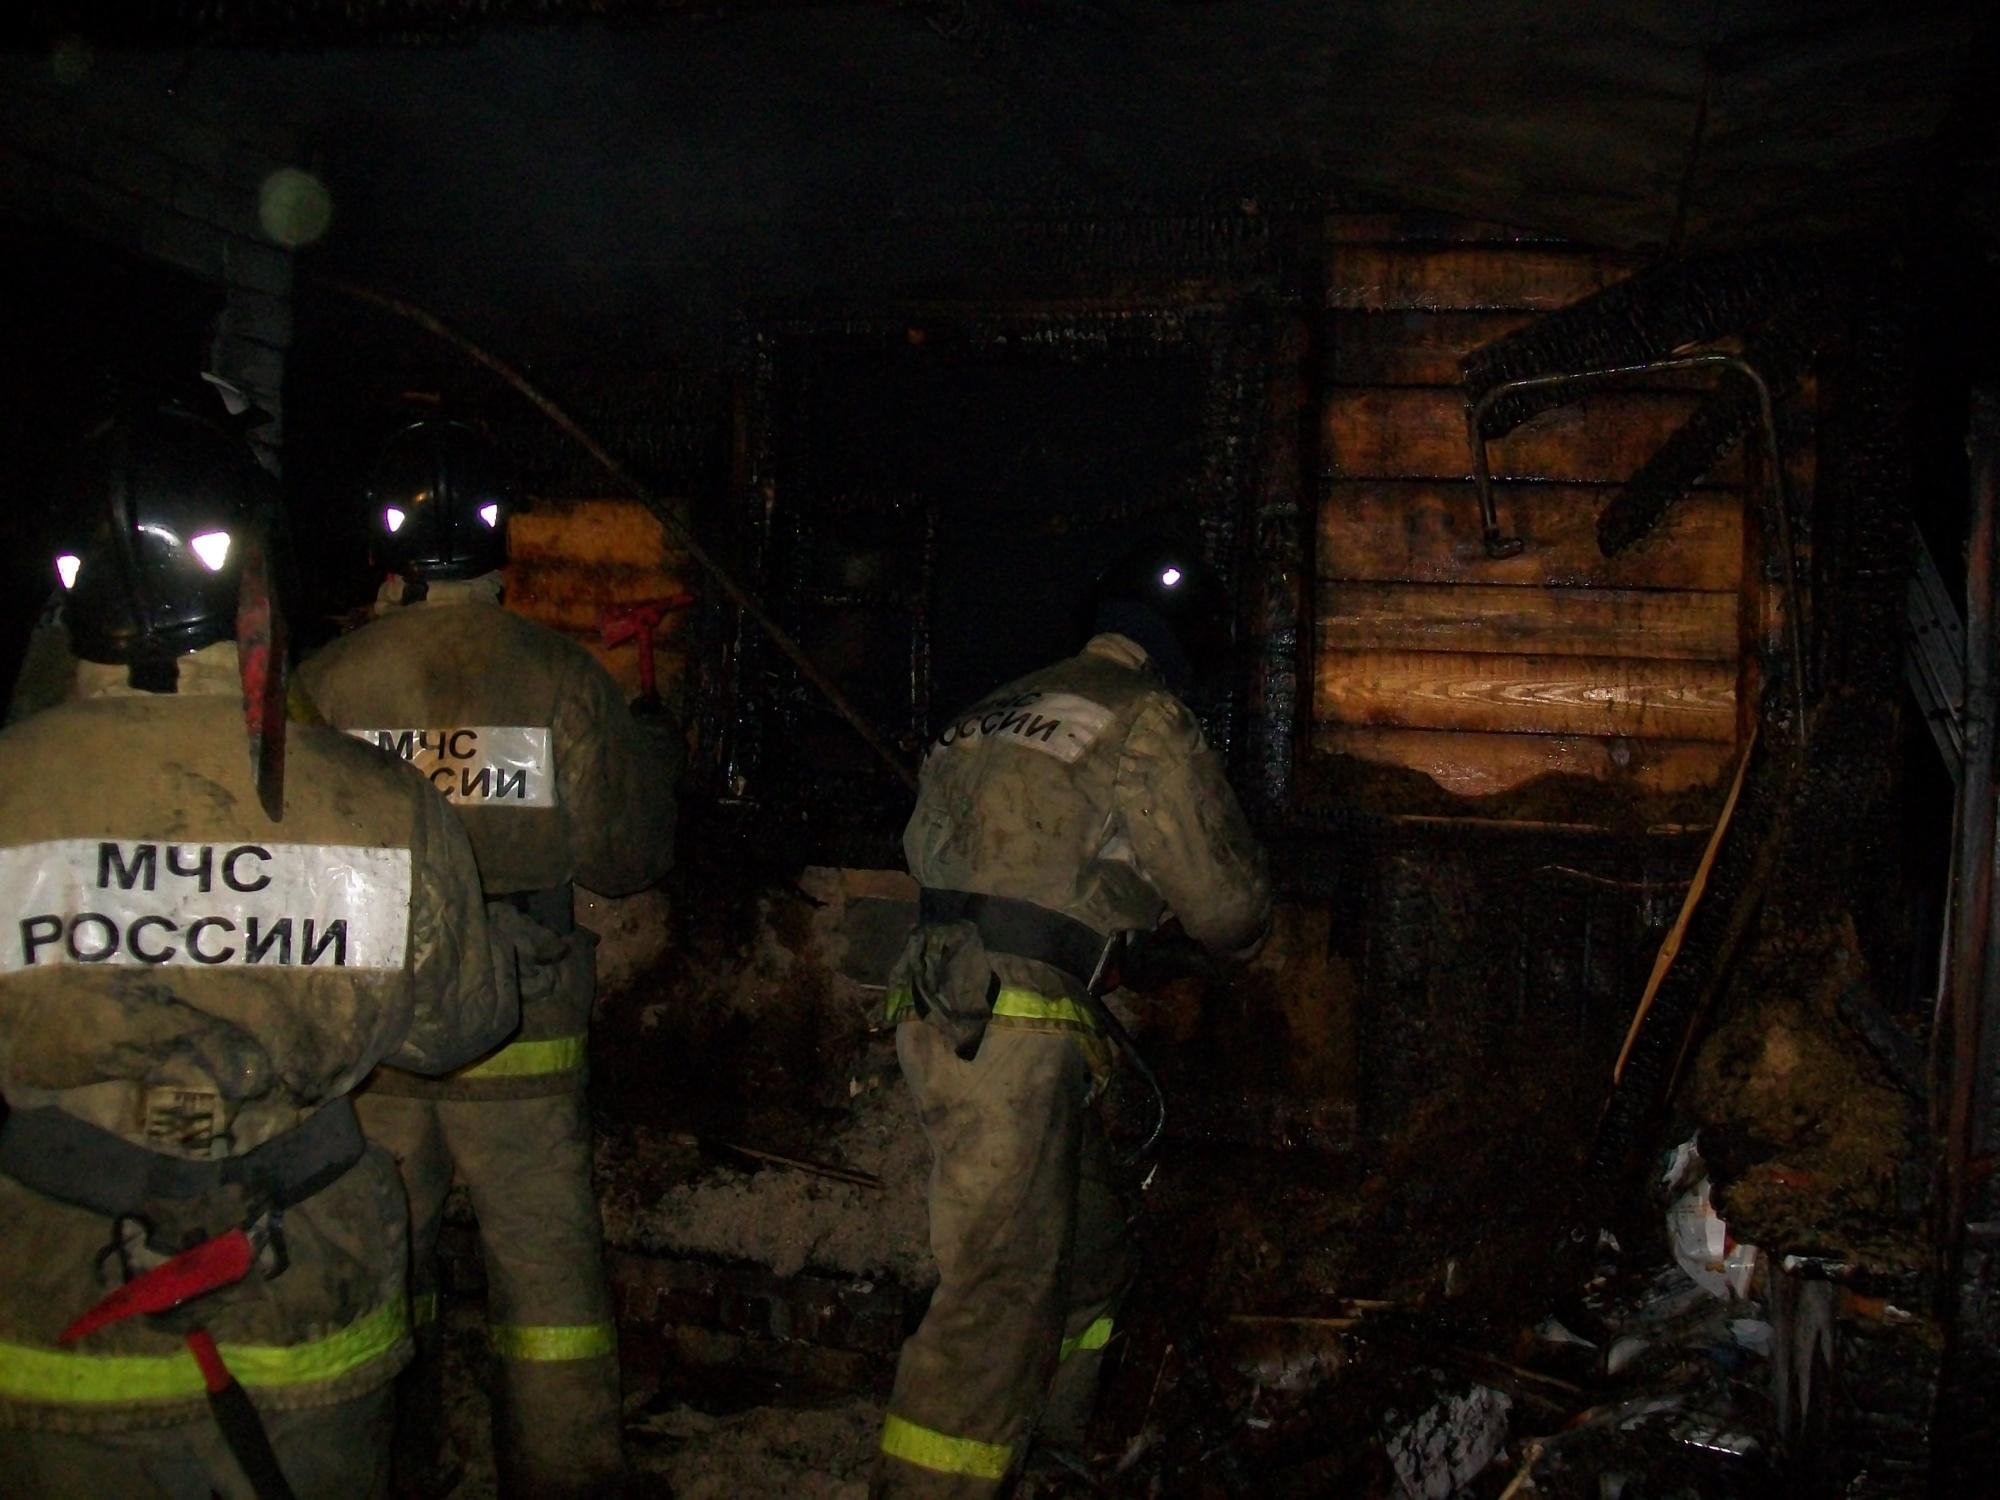 Пожар в хозяйственной постройке в городском округе Орехово-Зуево